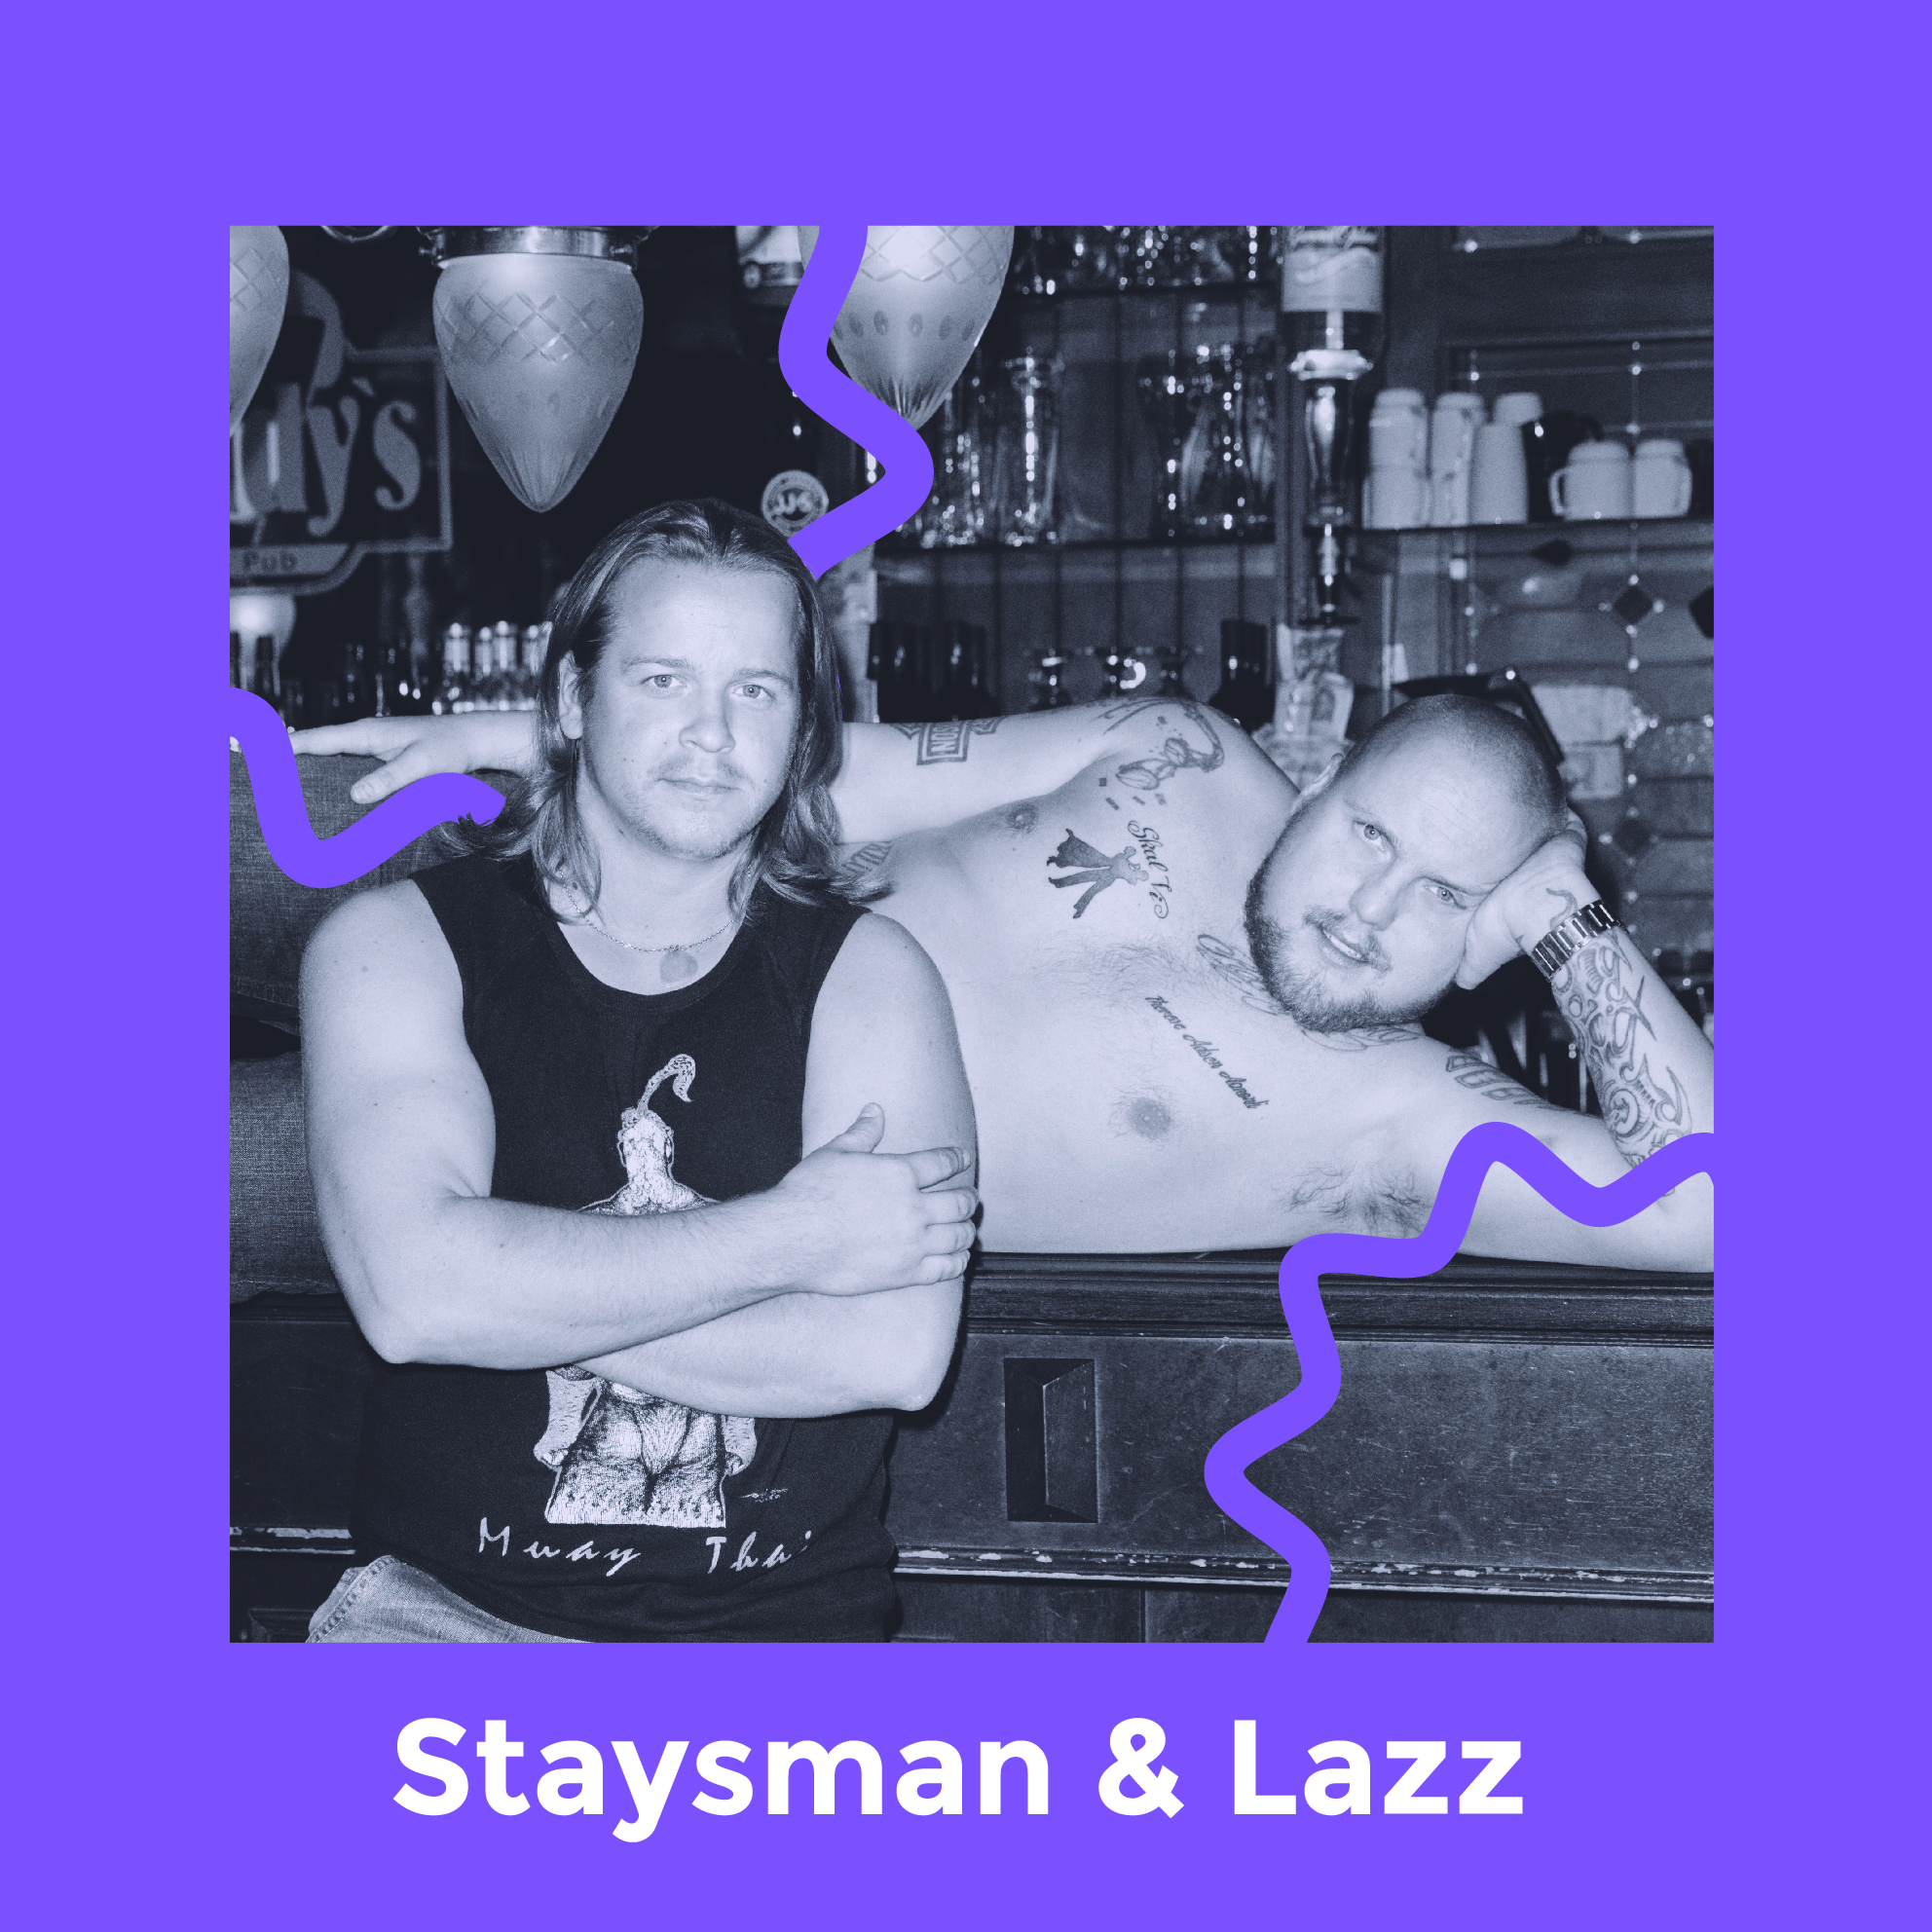 Staysman & Lazz - Staysman & Lazz er klare for å ta Lærdal med storm! Duoen, med Stian Thorbjørnsen og Lasse Jensen, har dei siste åra vore av dei mest